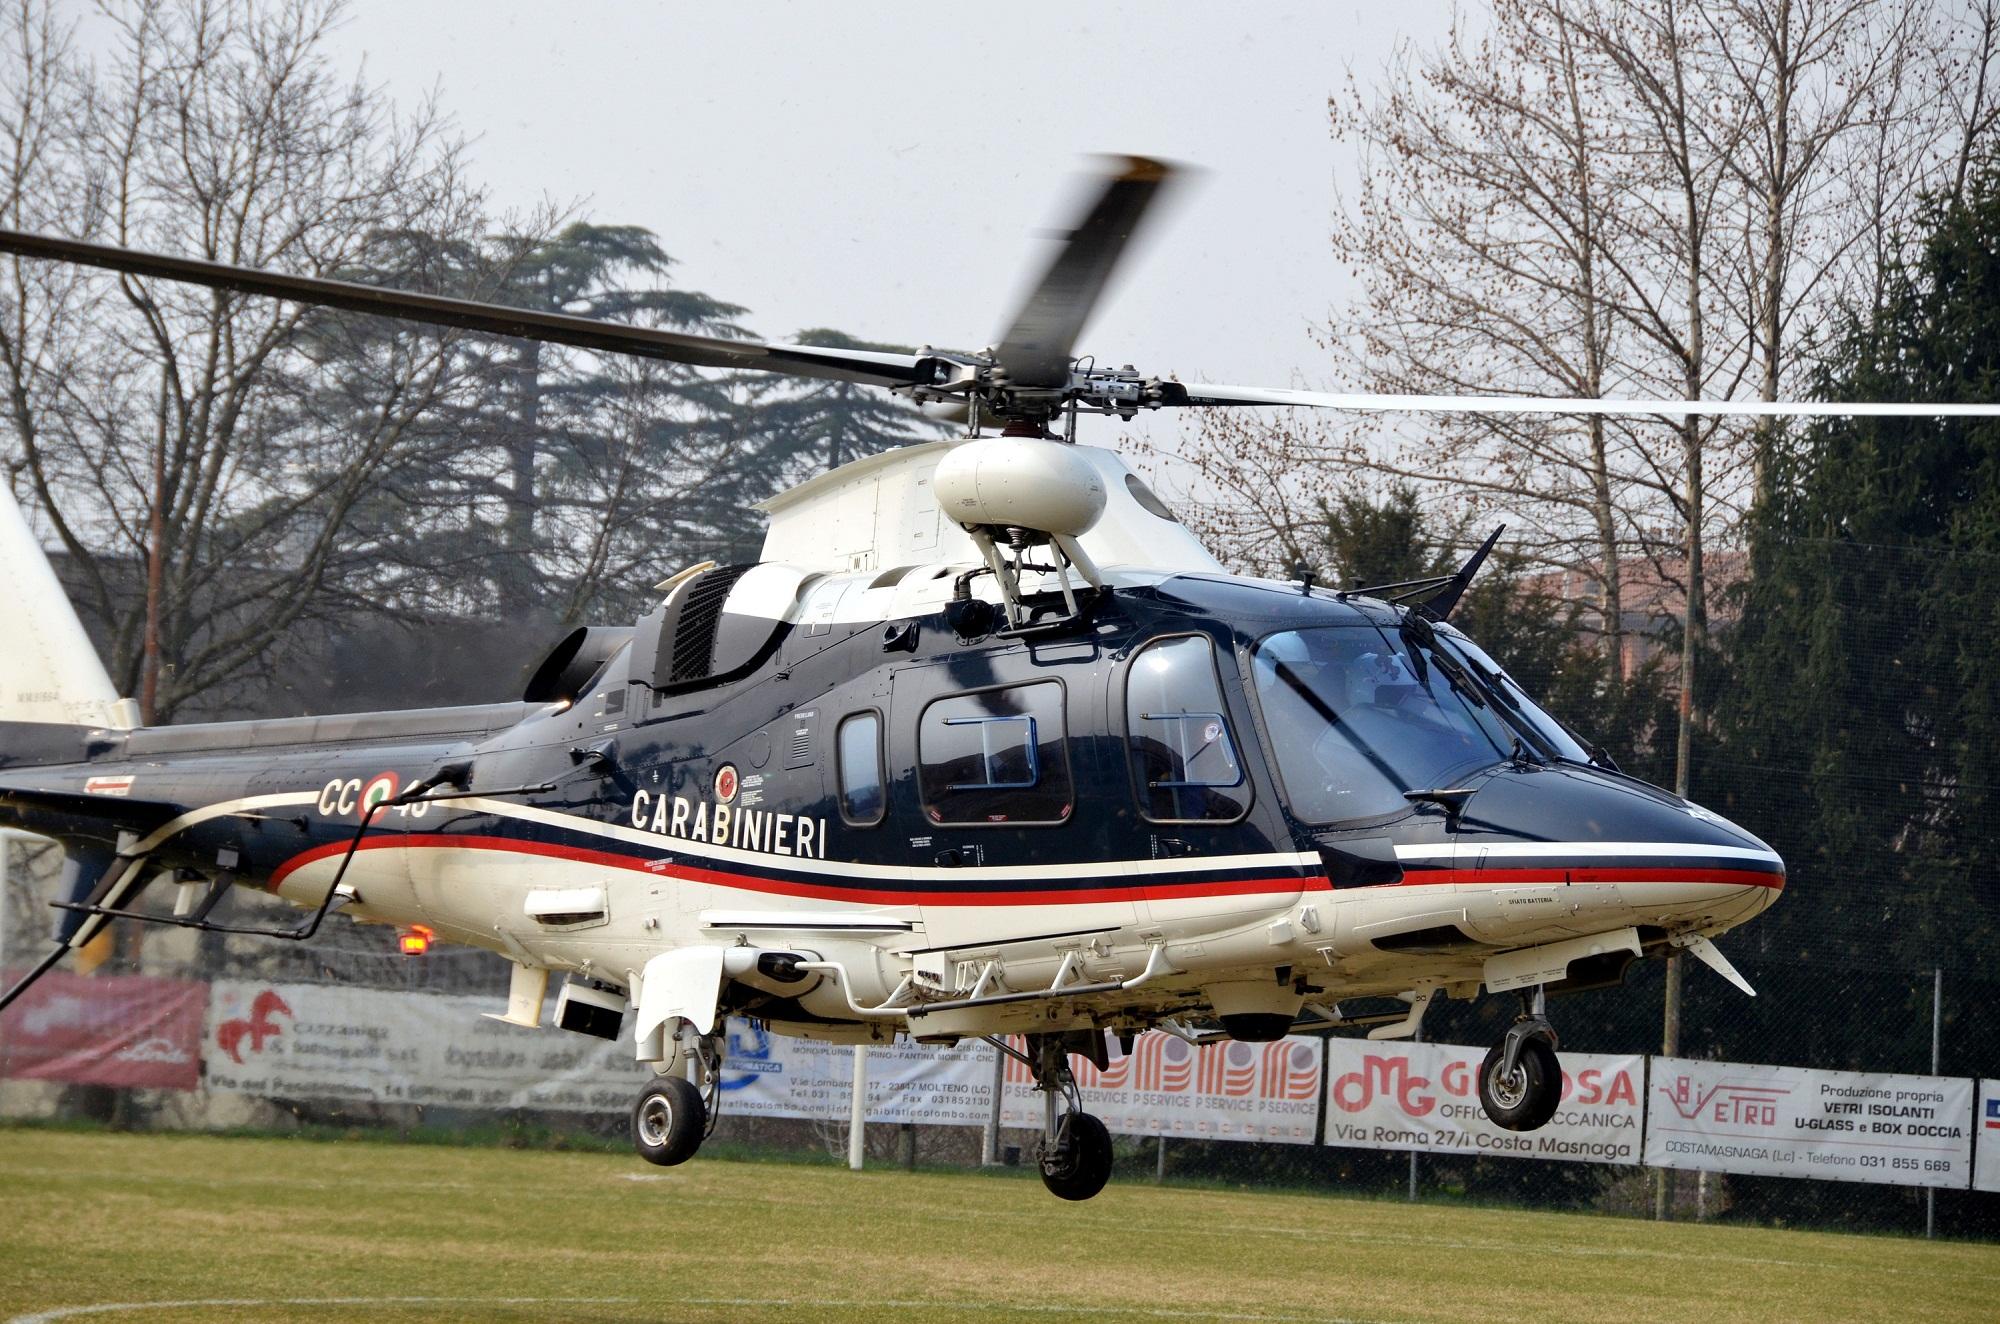 Un Elicottero Recupera Dall Oceano : Resegone online notizie da lecco e provincia